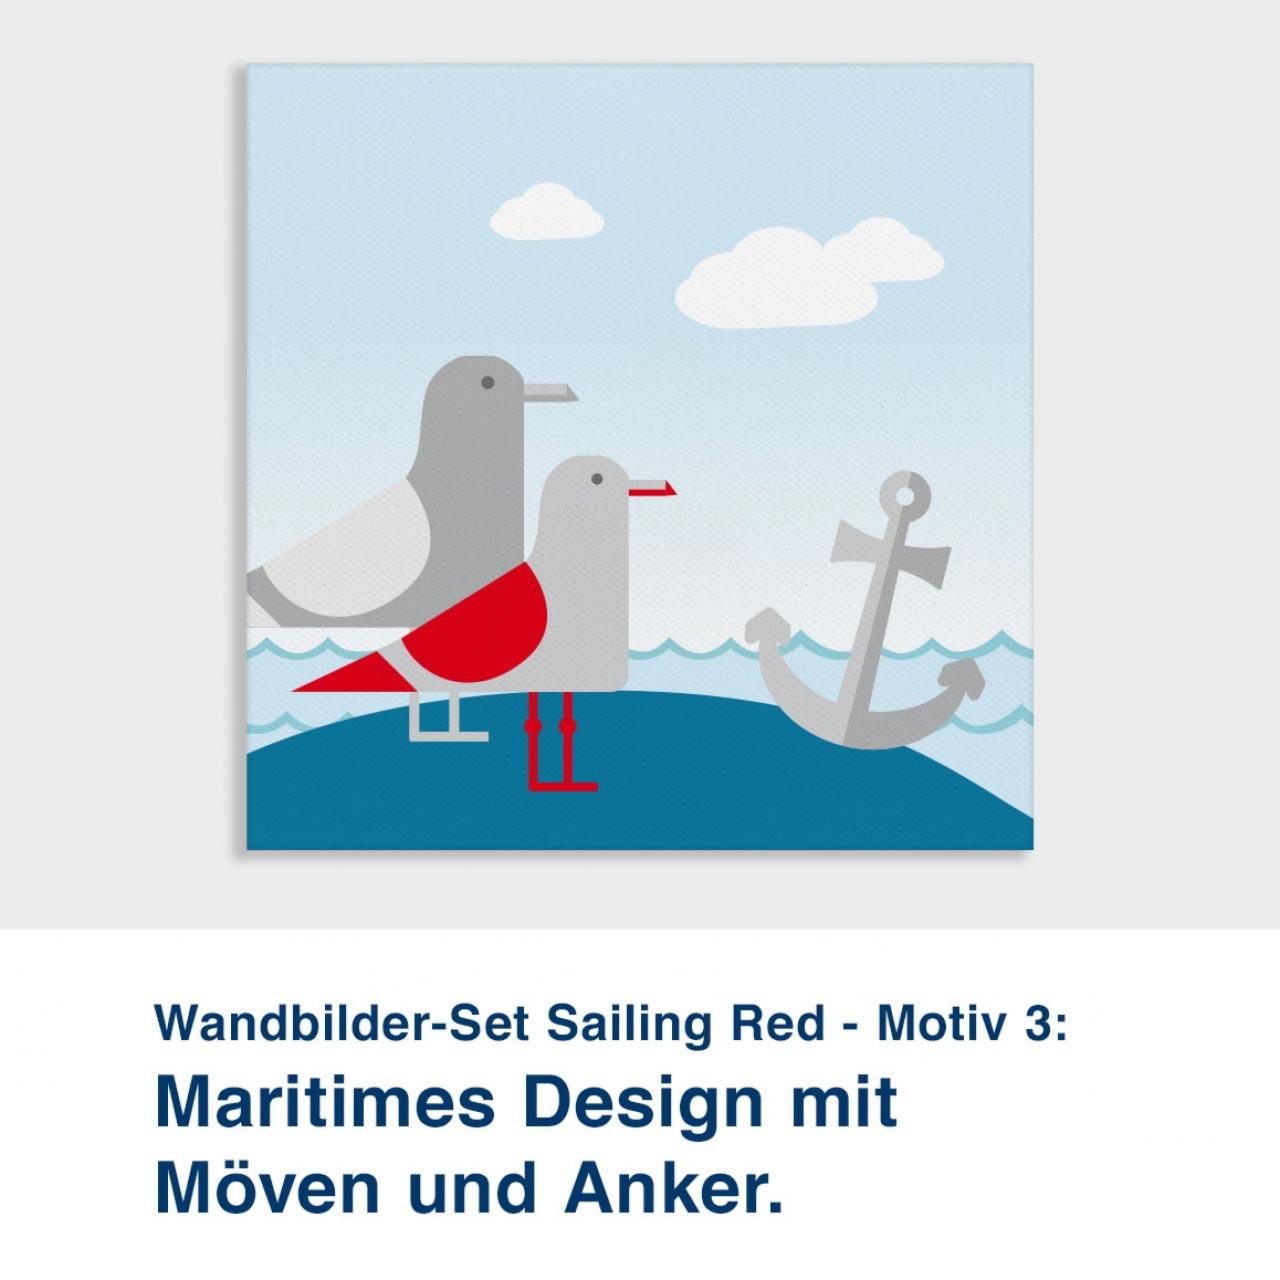 Wandbilder-Set Sailing Red - Motiv 3:  Maritimes Design mit  Möven und Anker.